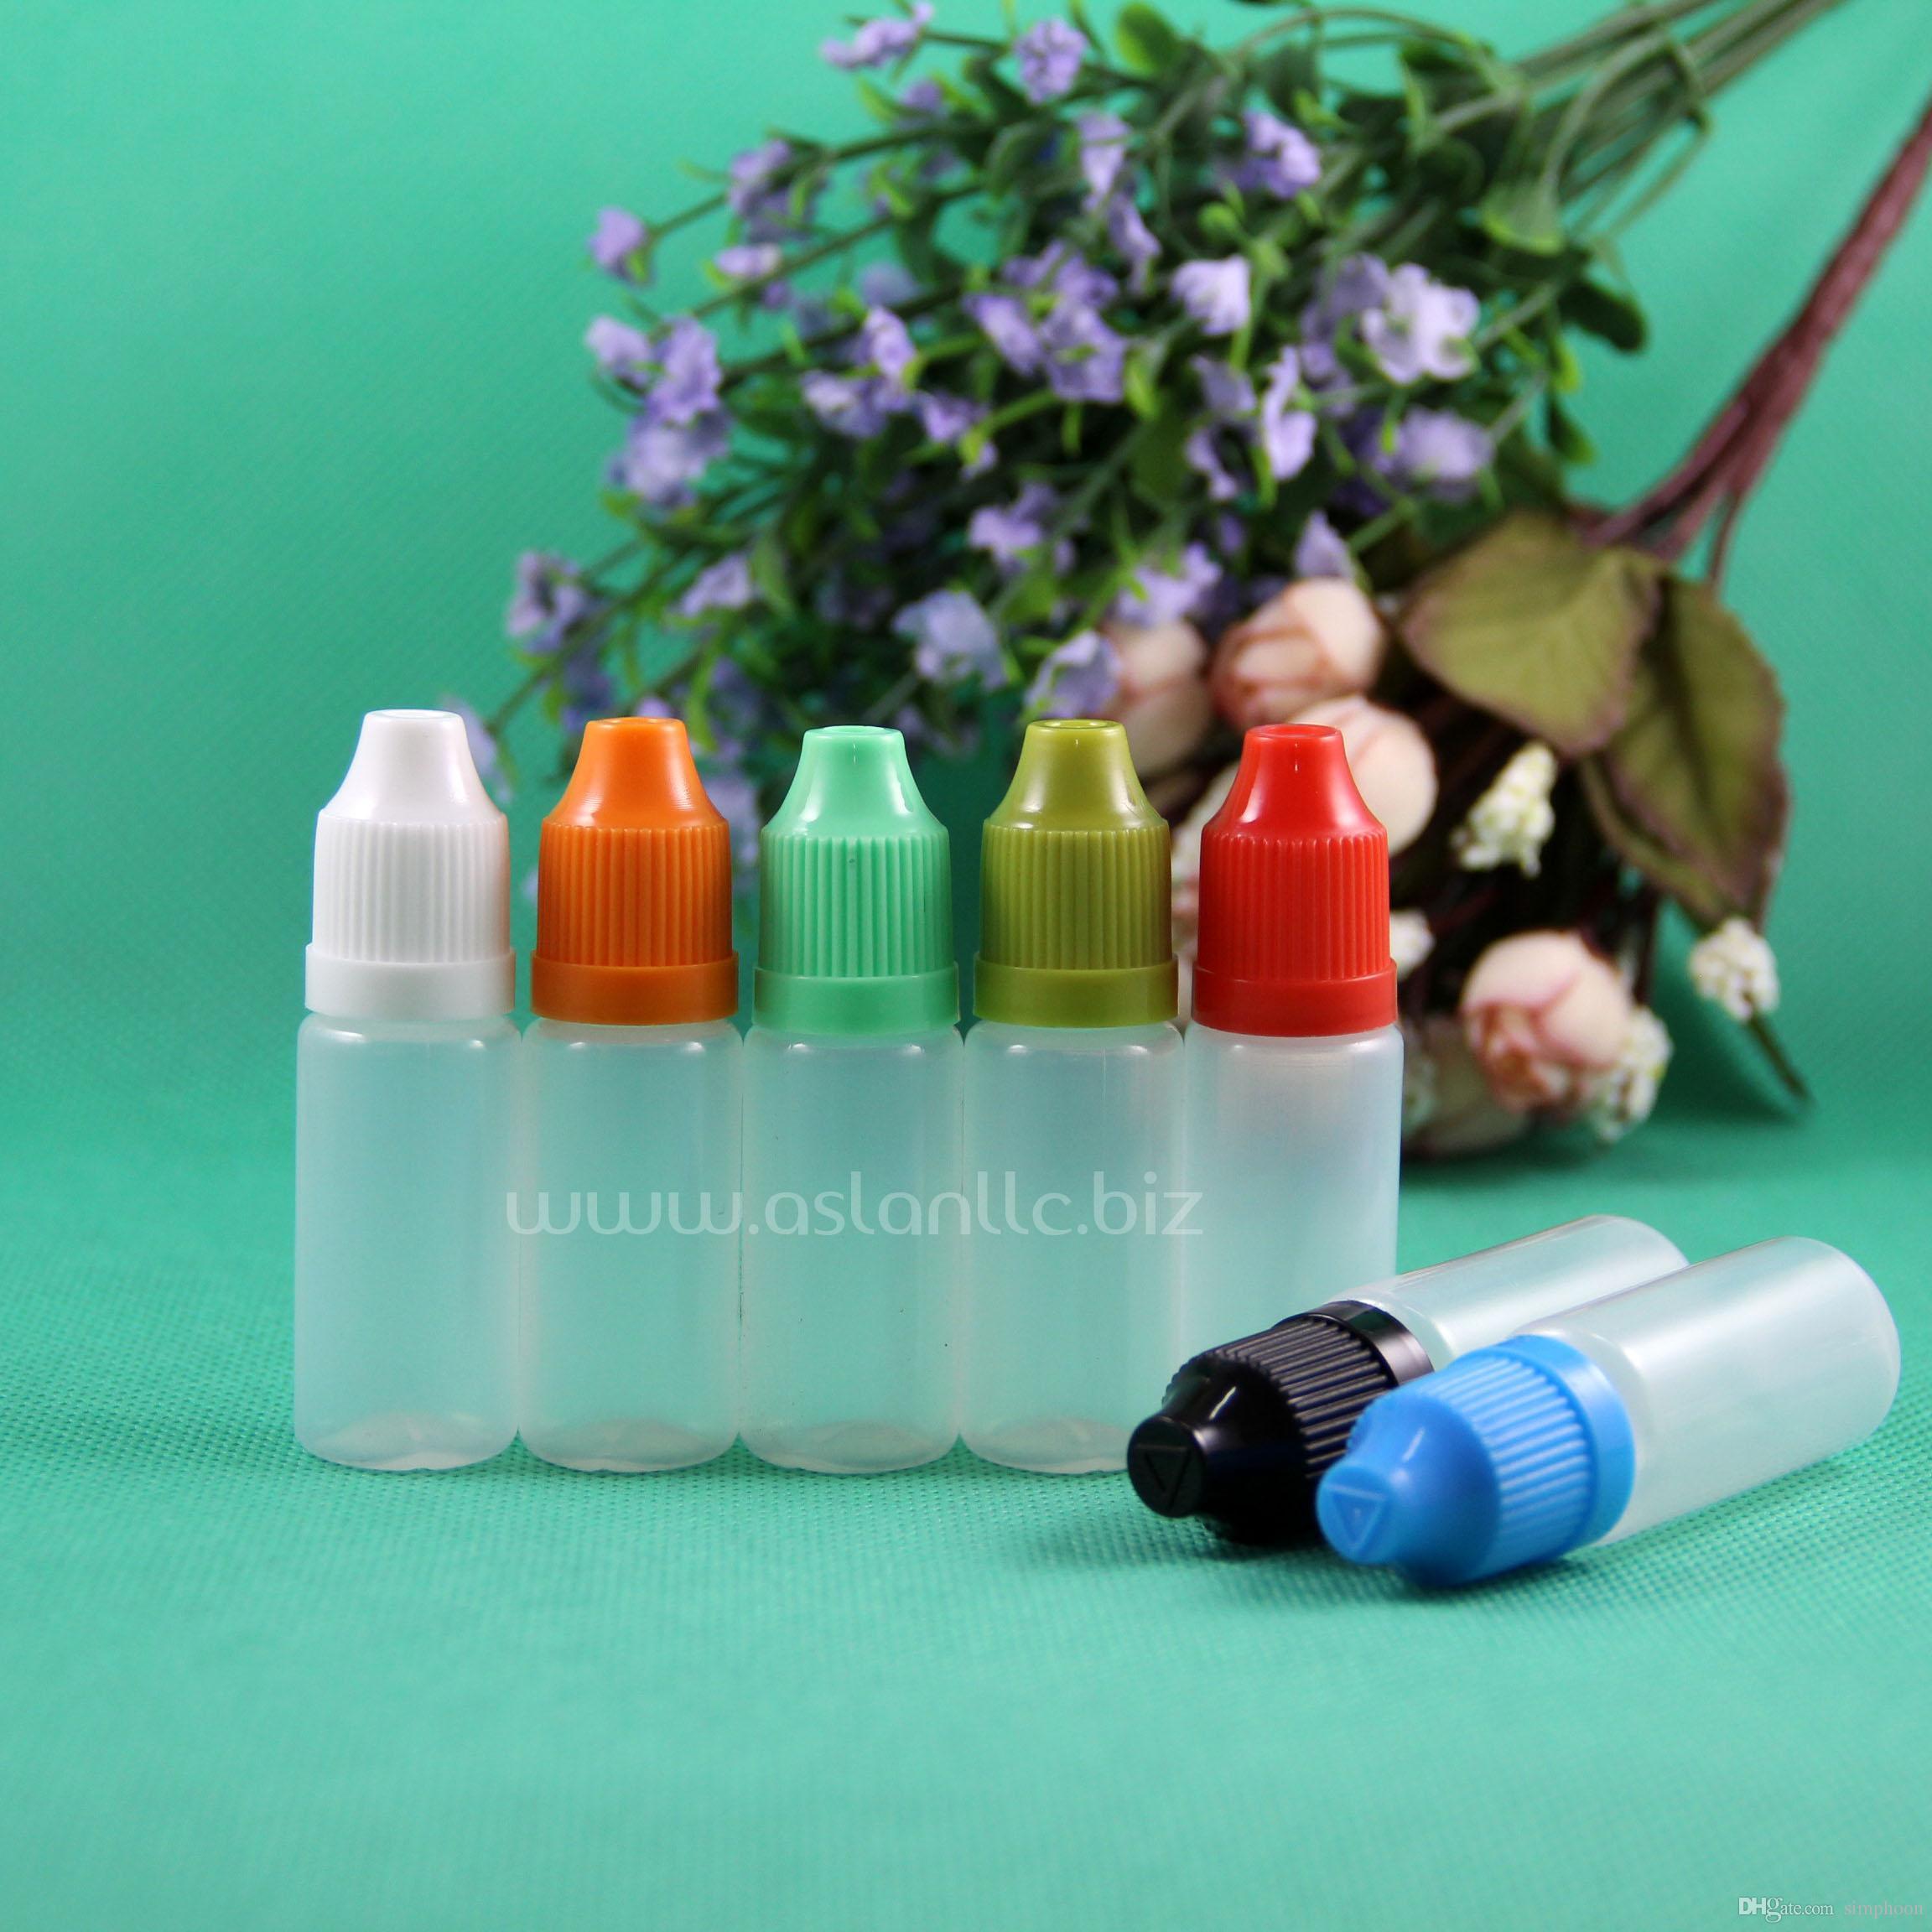 100 مجموعات / وحدة 10 ملليلتر زجاجات البلاستيك بالقطارة الطفل برهان طويلة رقيقة تلميح pe آمنة ل e بخار السائل عصير vapt ليكويد 10 مل